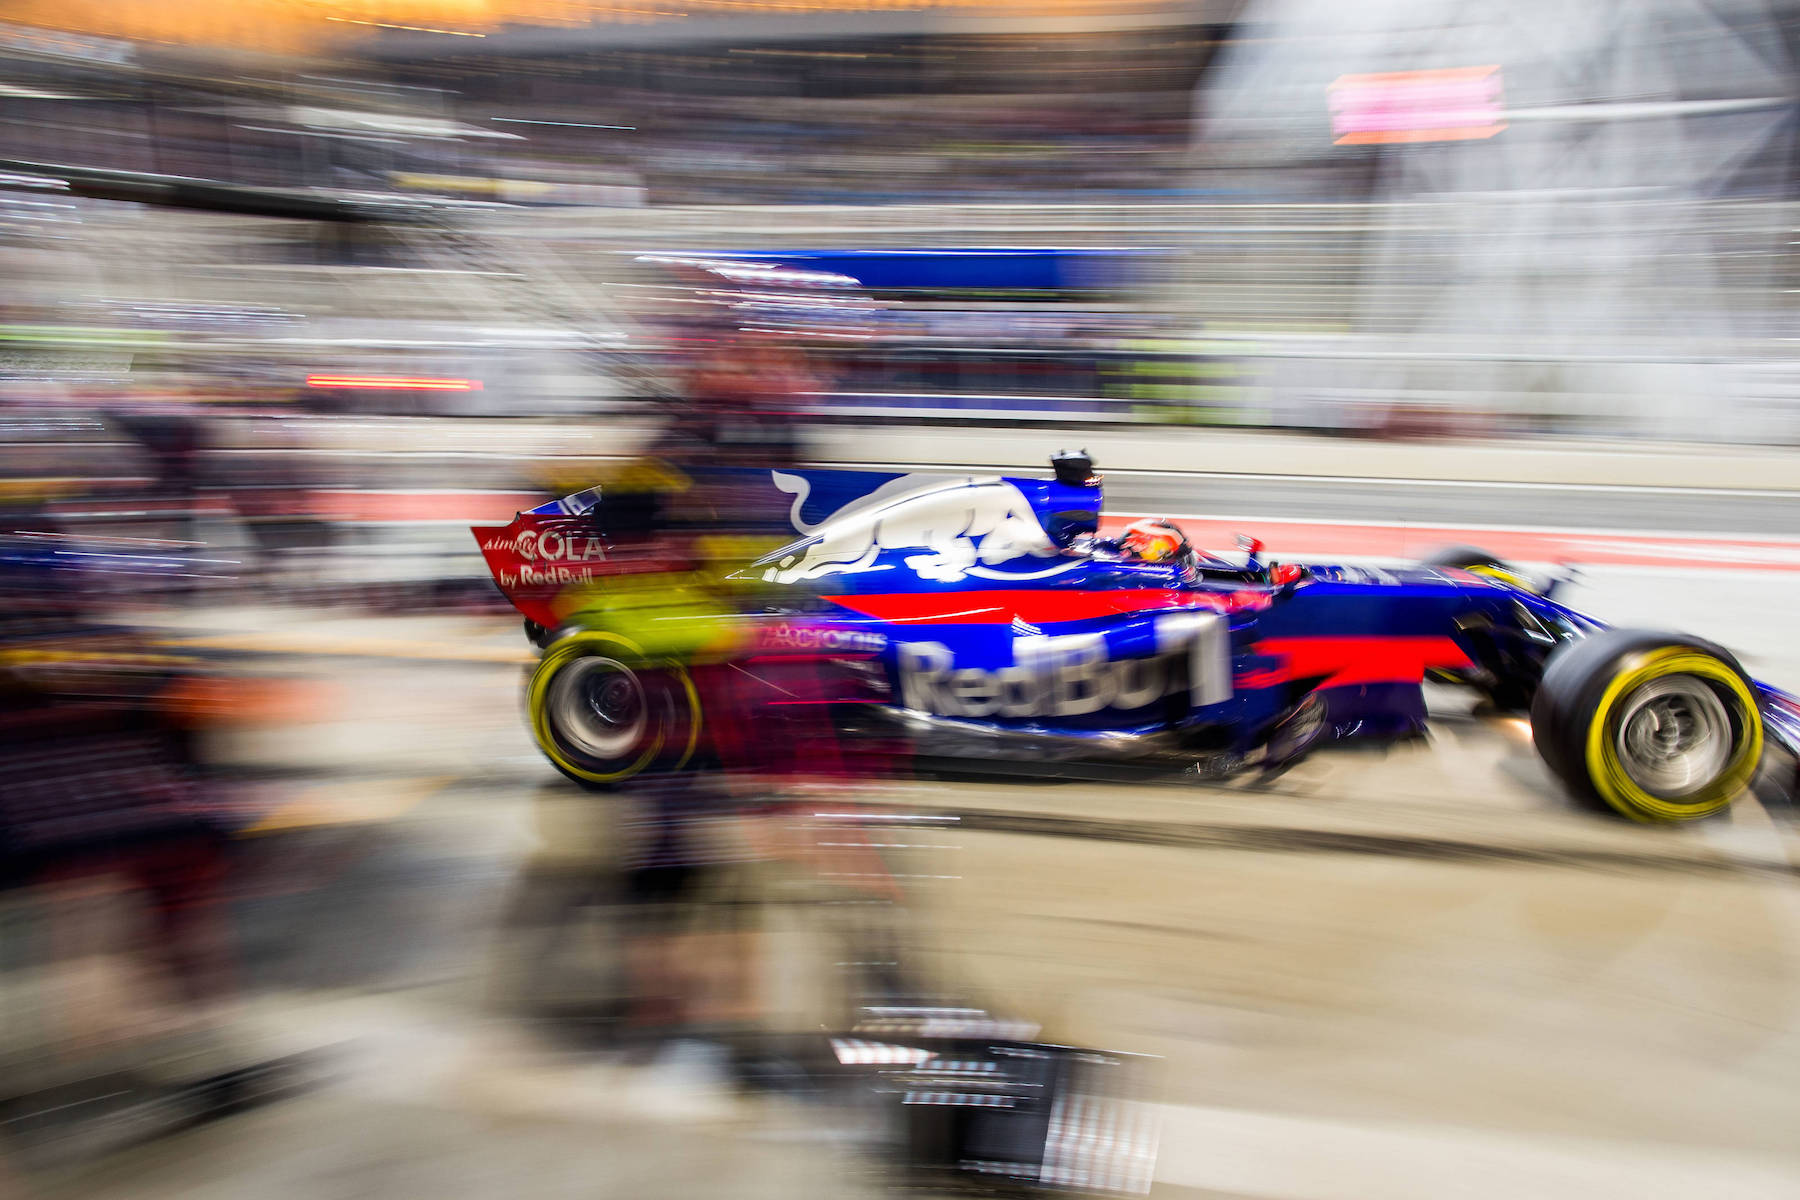 C 2017 Daniil Kvyat   Toro Rosso STR12   2017 Bahrain GP 1 copy.jpg